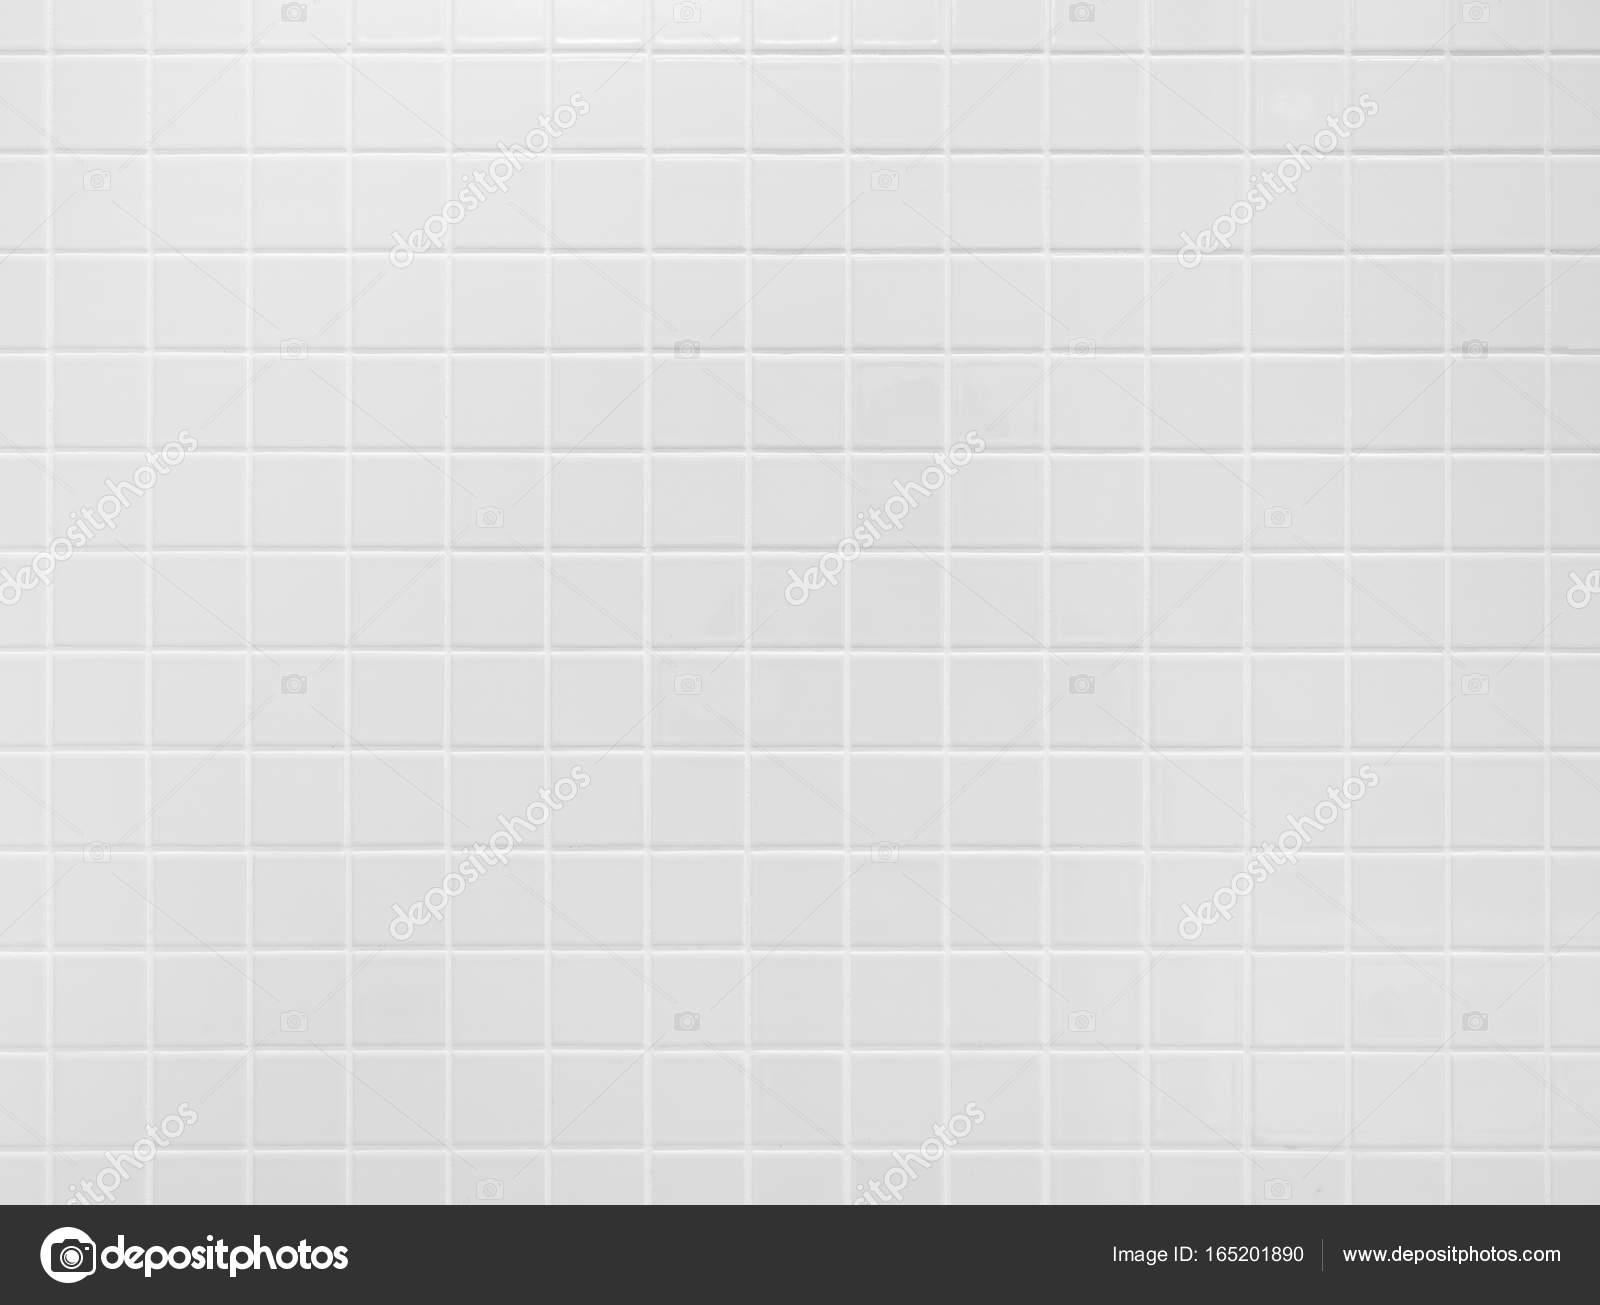 Carrelage Blanc dedans carrelage blanc mural texture de fond salle de bain étage